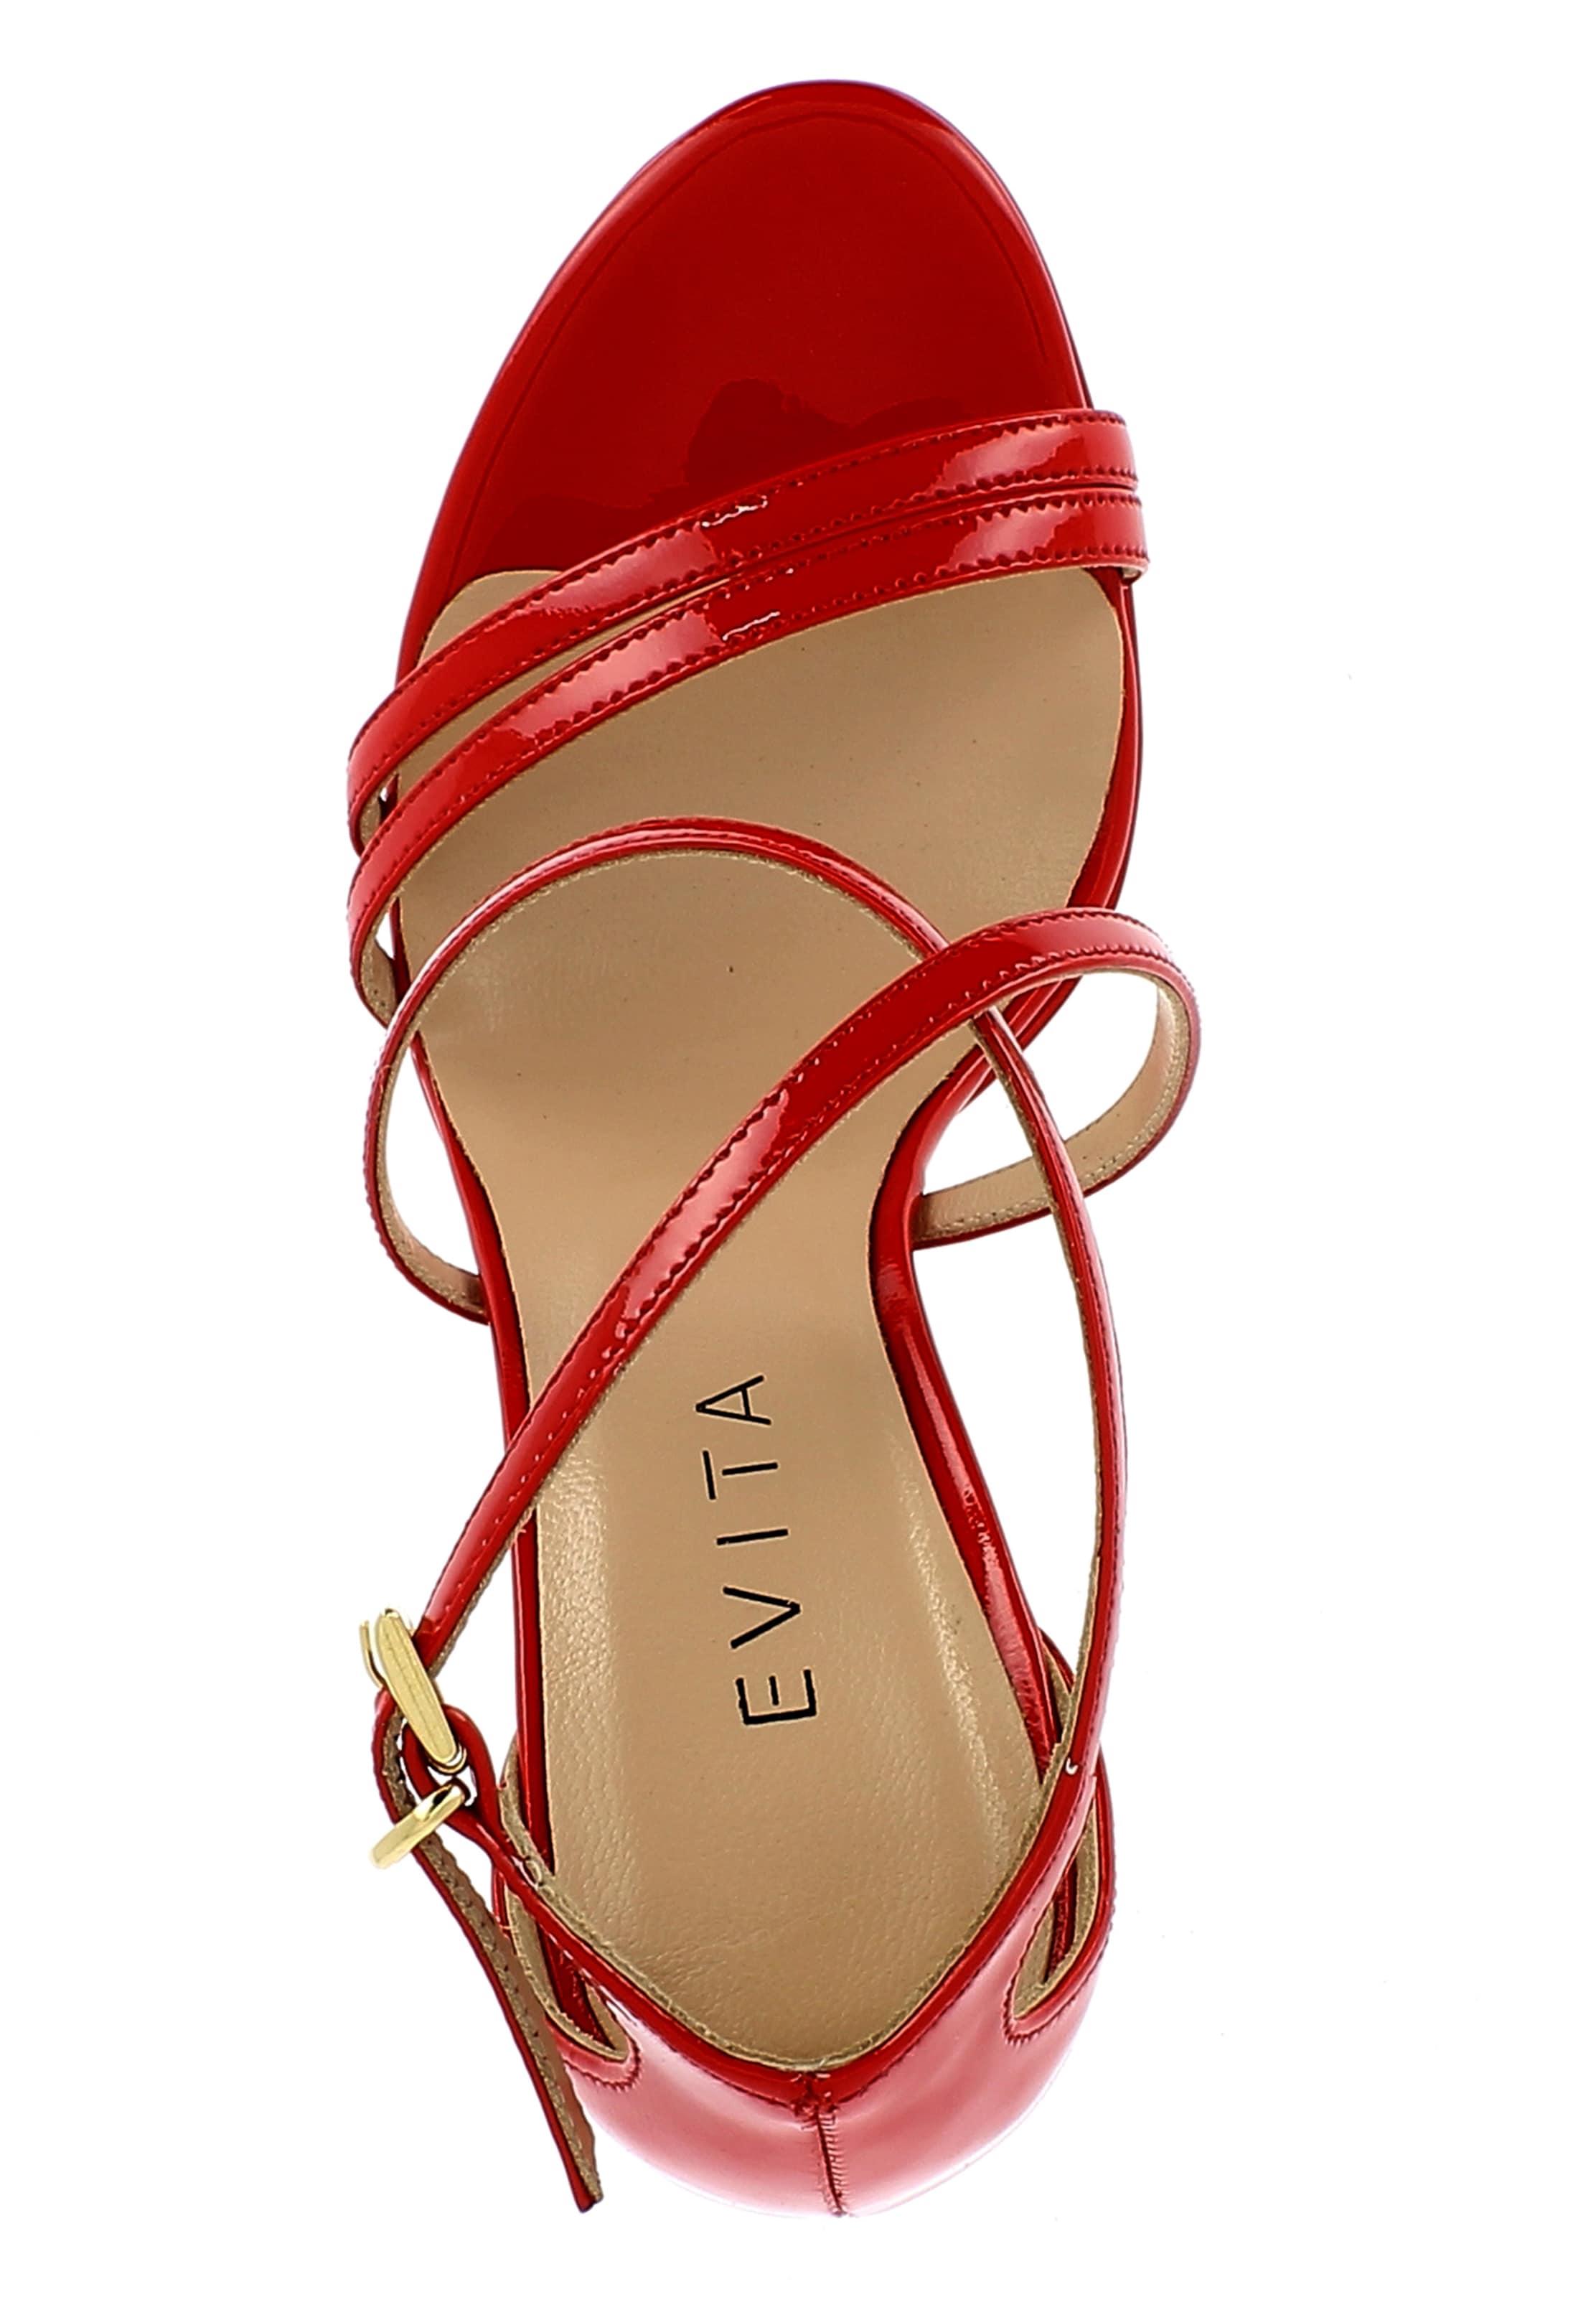 Freies Verschiffen Authentische EVITA Sandalette Rabatt-Shop Billig Verkauf Eastbay NrKIHD